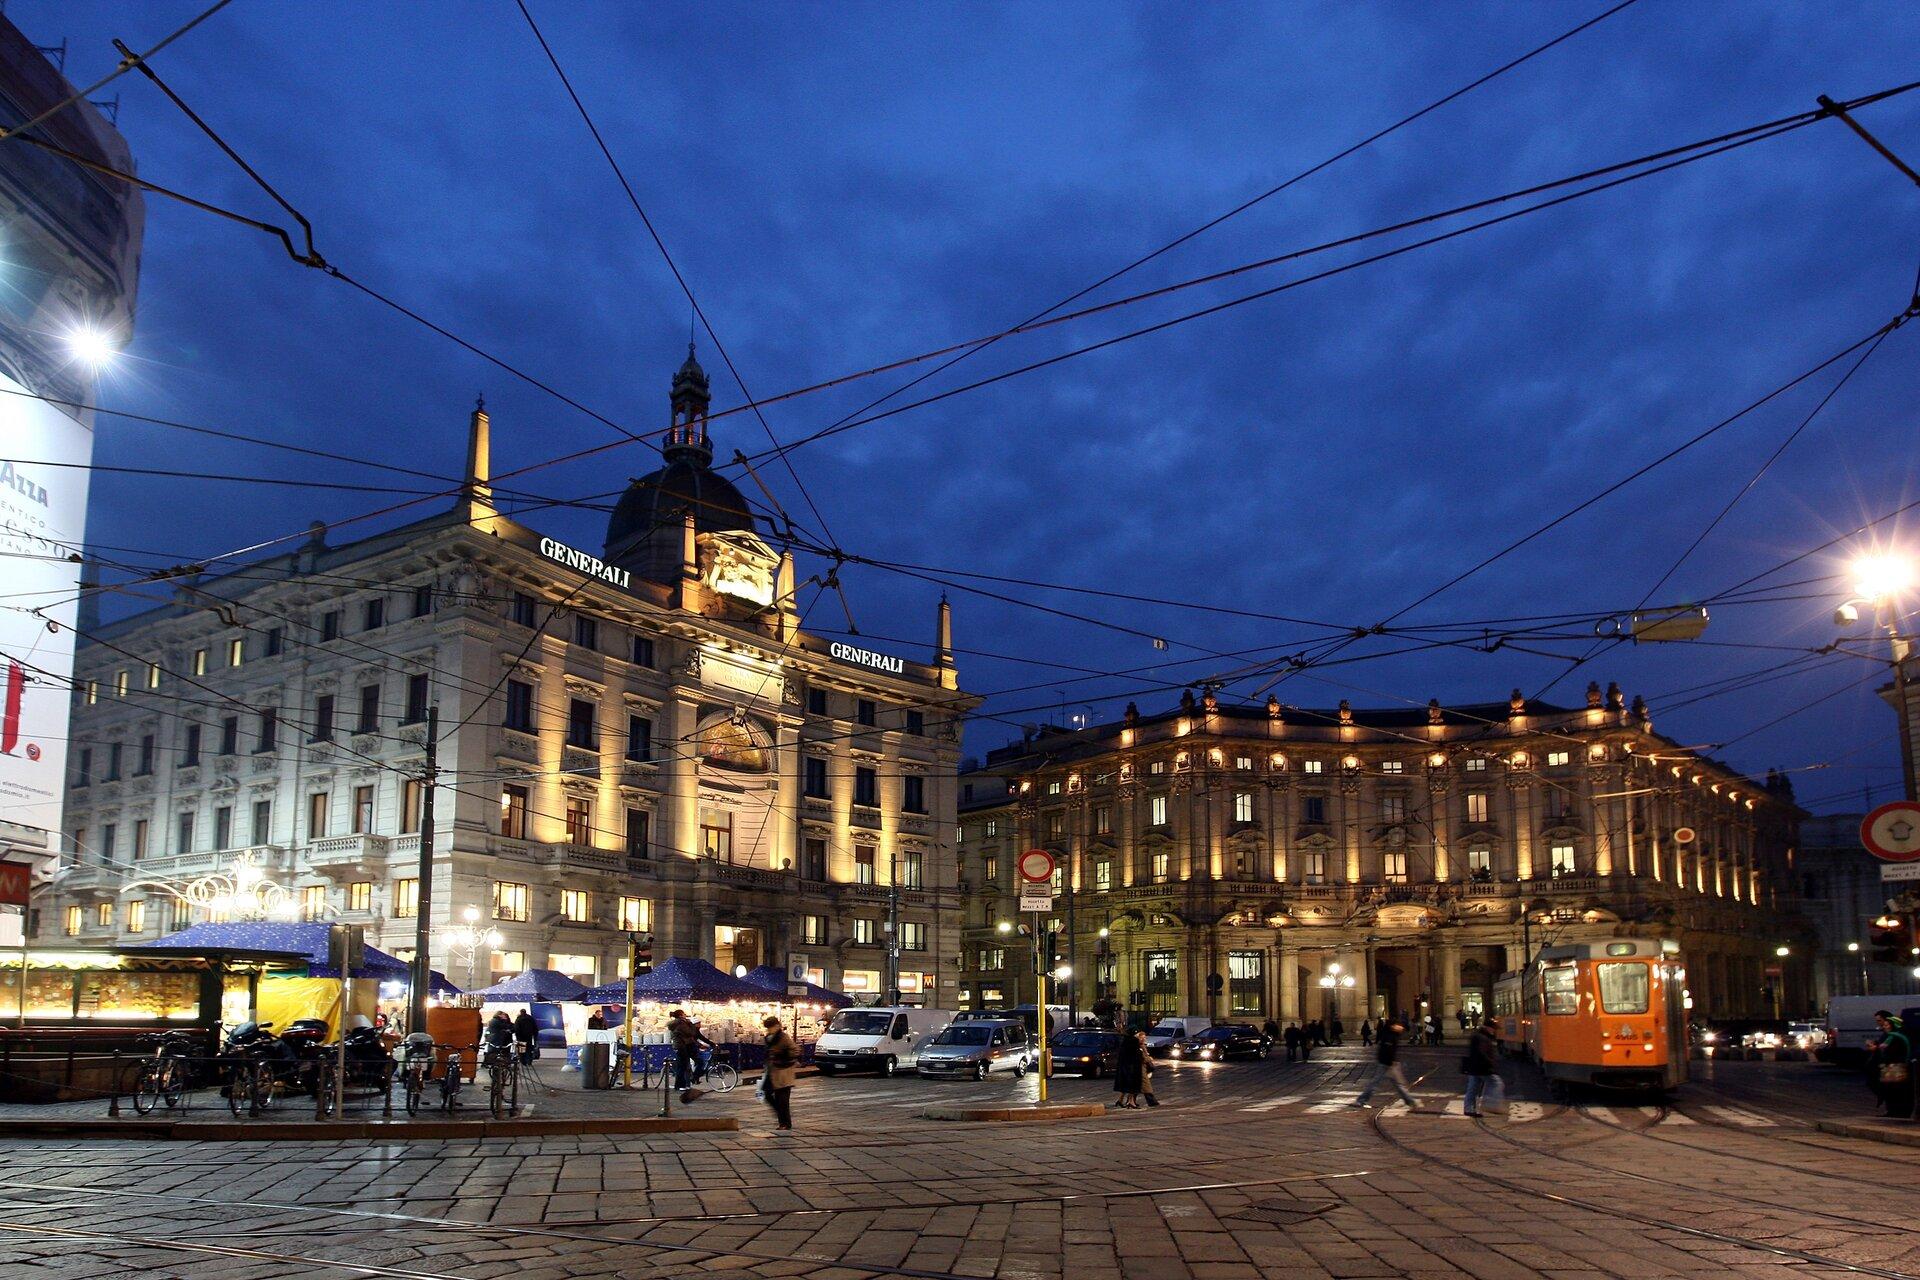 Uno scorcio di Piazza Cordusio a Milano